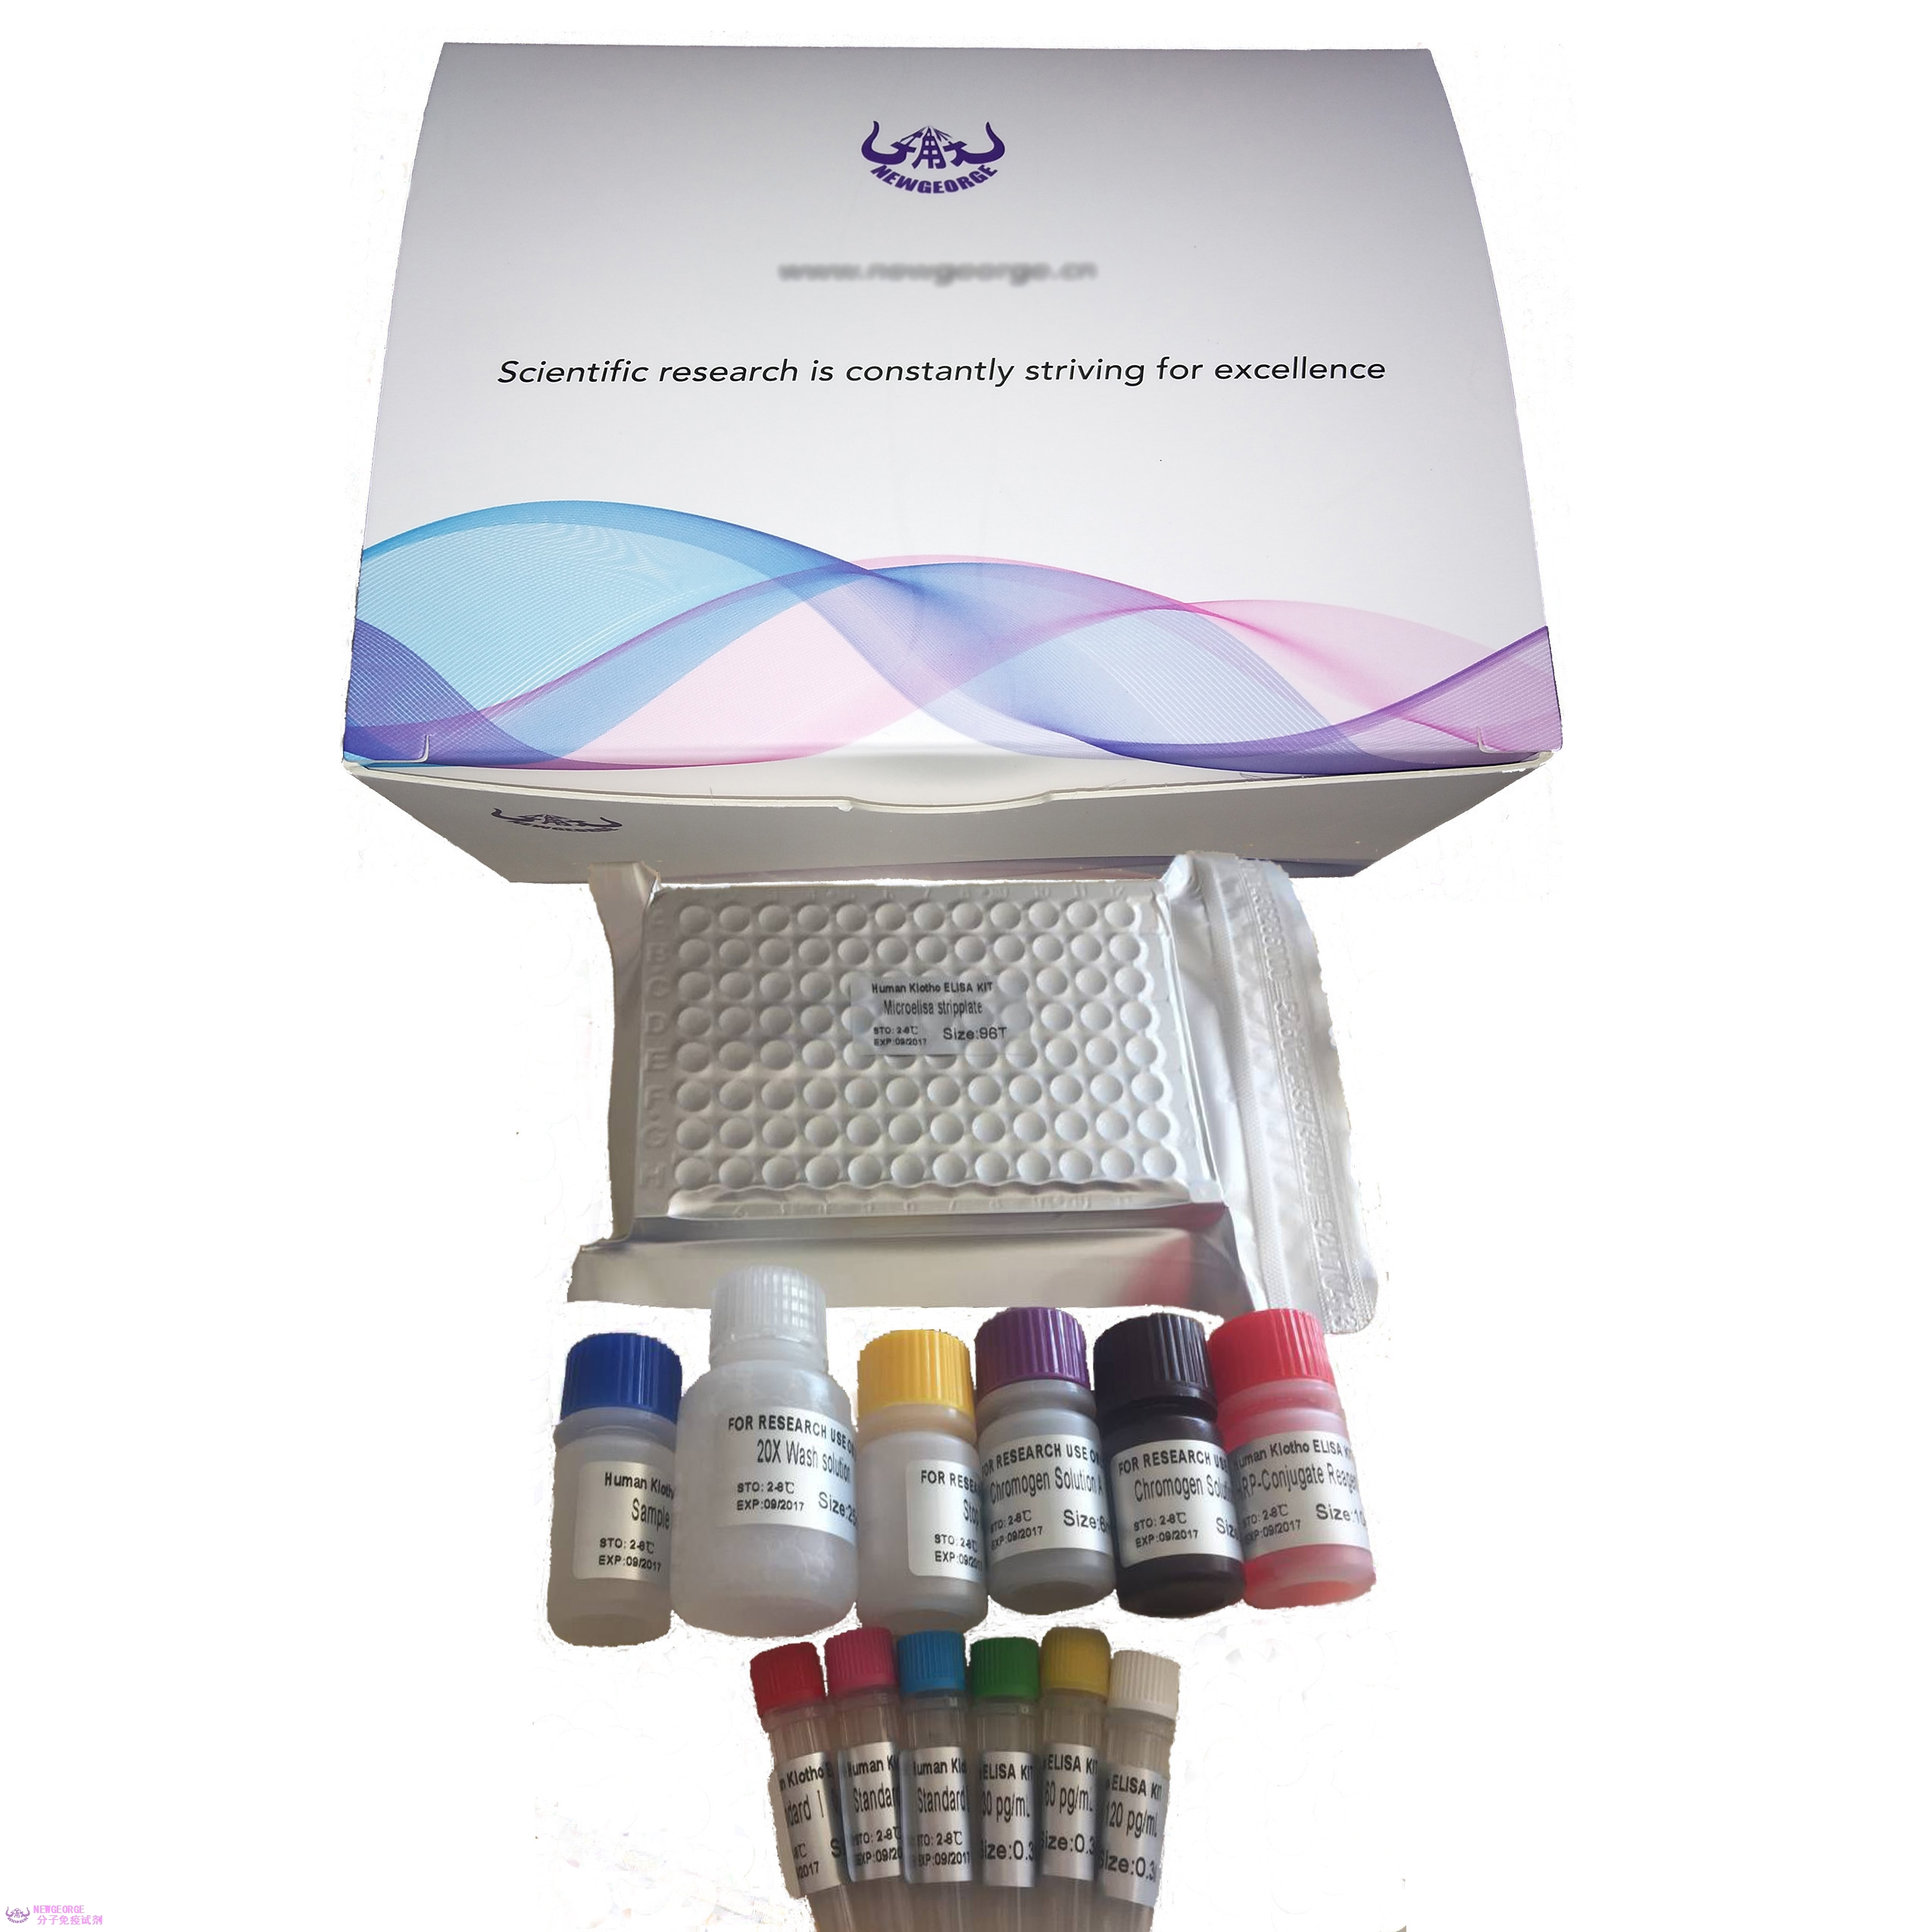 肠脂肪酸结合蛋白-IFABPELISA试剂盒厂家 欢迎咨询「上海元敏生物科技供应」